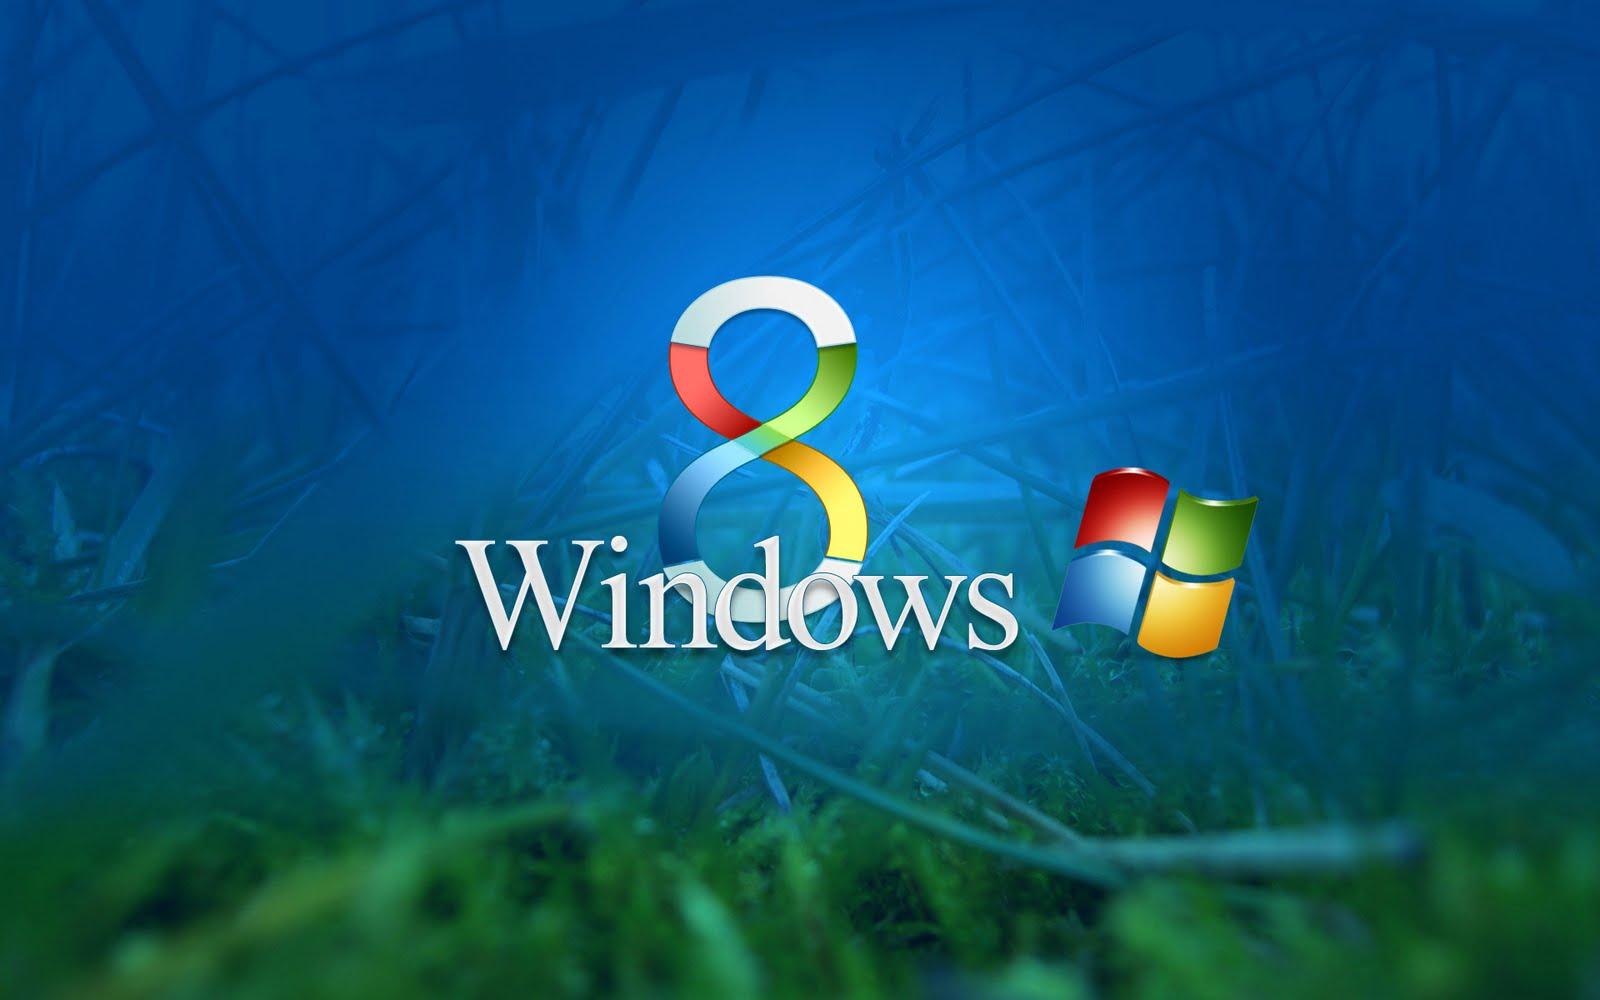 http://3.bp.blogspot.com/-tS4F2TjmG9U/TjHQQ3FfIMI/AAAAAAAABIA/Iis7rDB4QXw/s1600/w3big.jpg